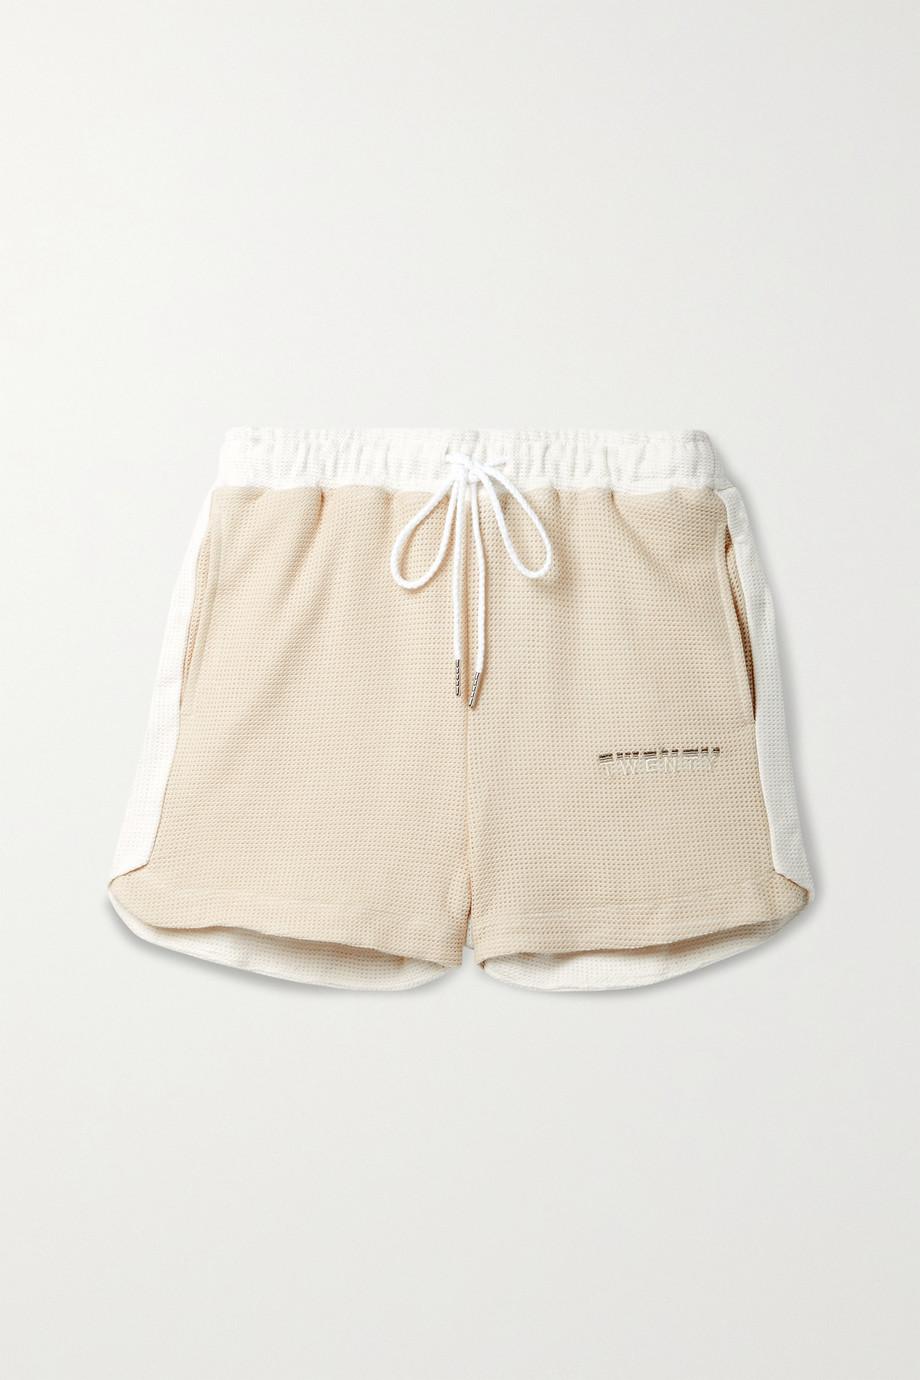 TWENTY Montréal Breathe two-tone cotton-blend mesh shorts